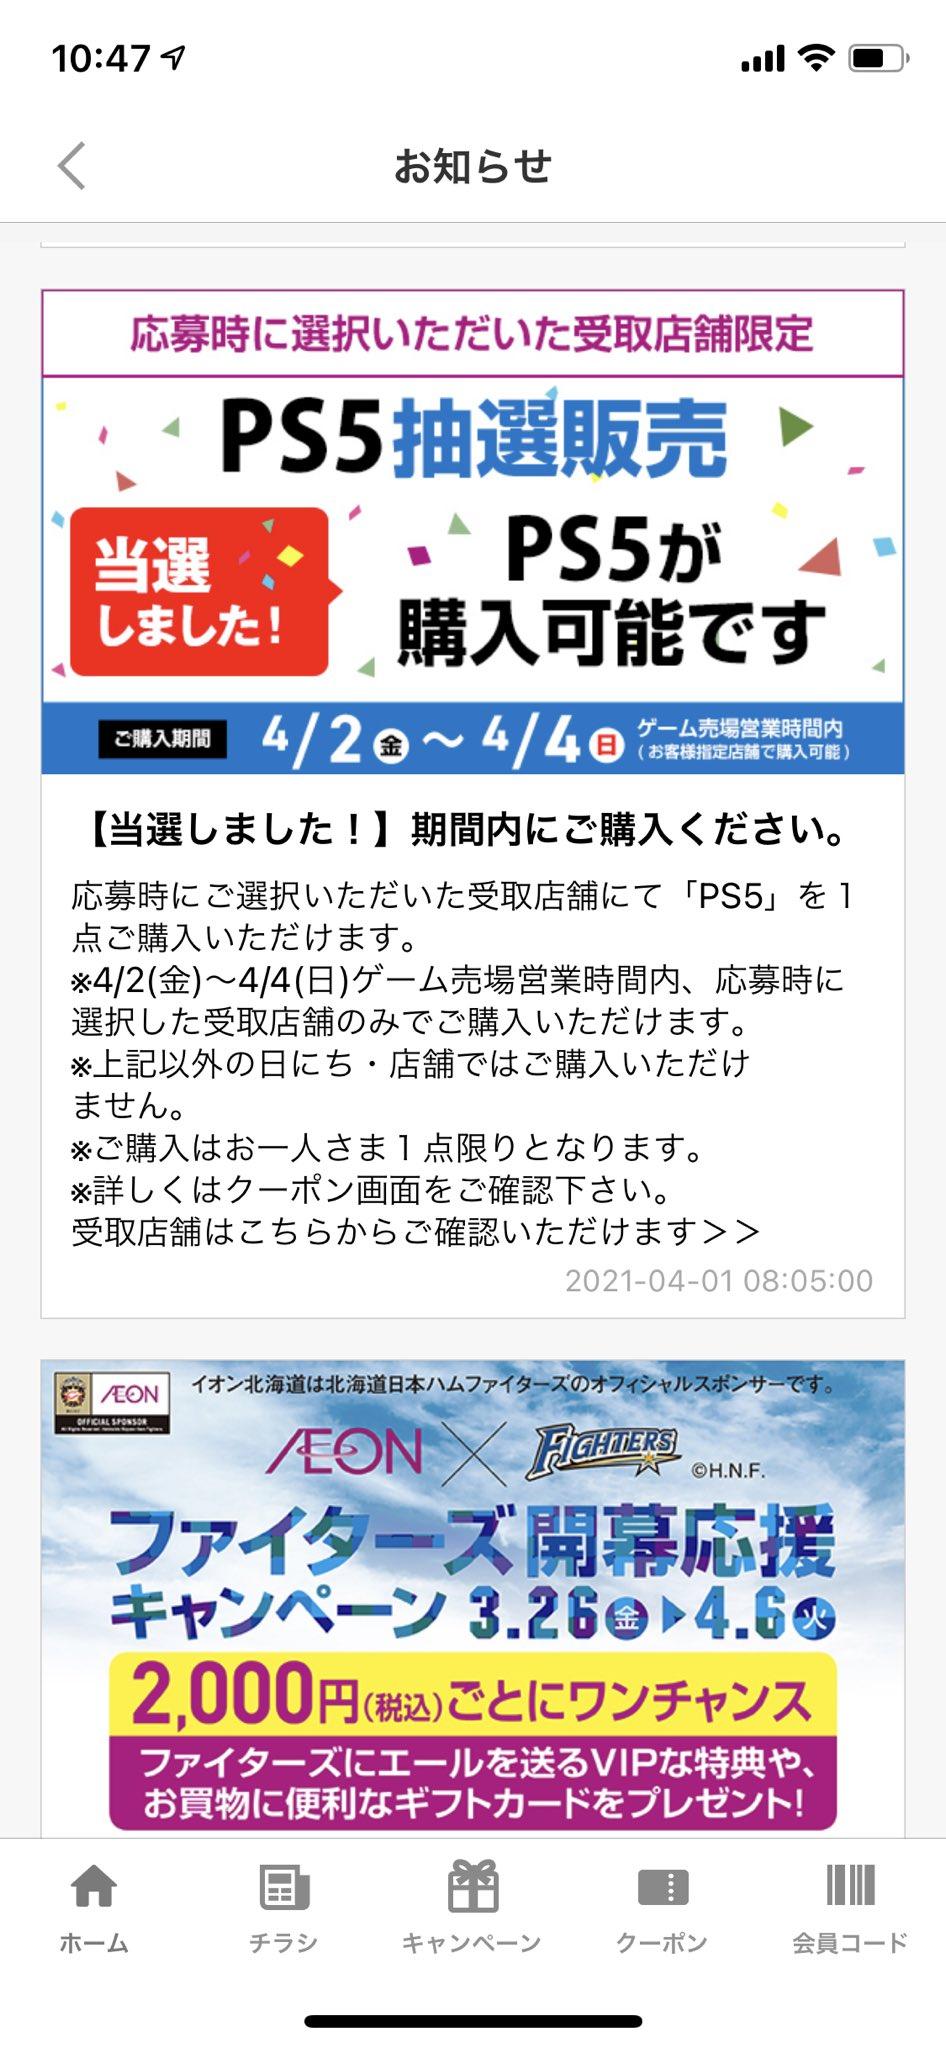 北海道 ps5 イオン イオン キッズリパブリックアプリ